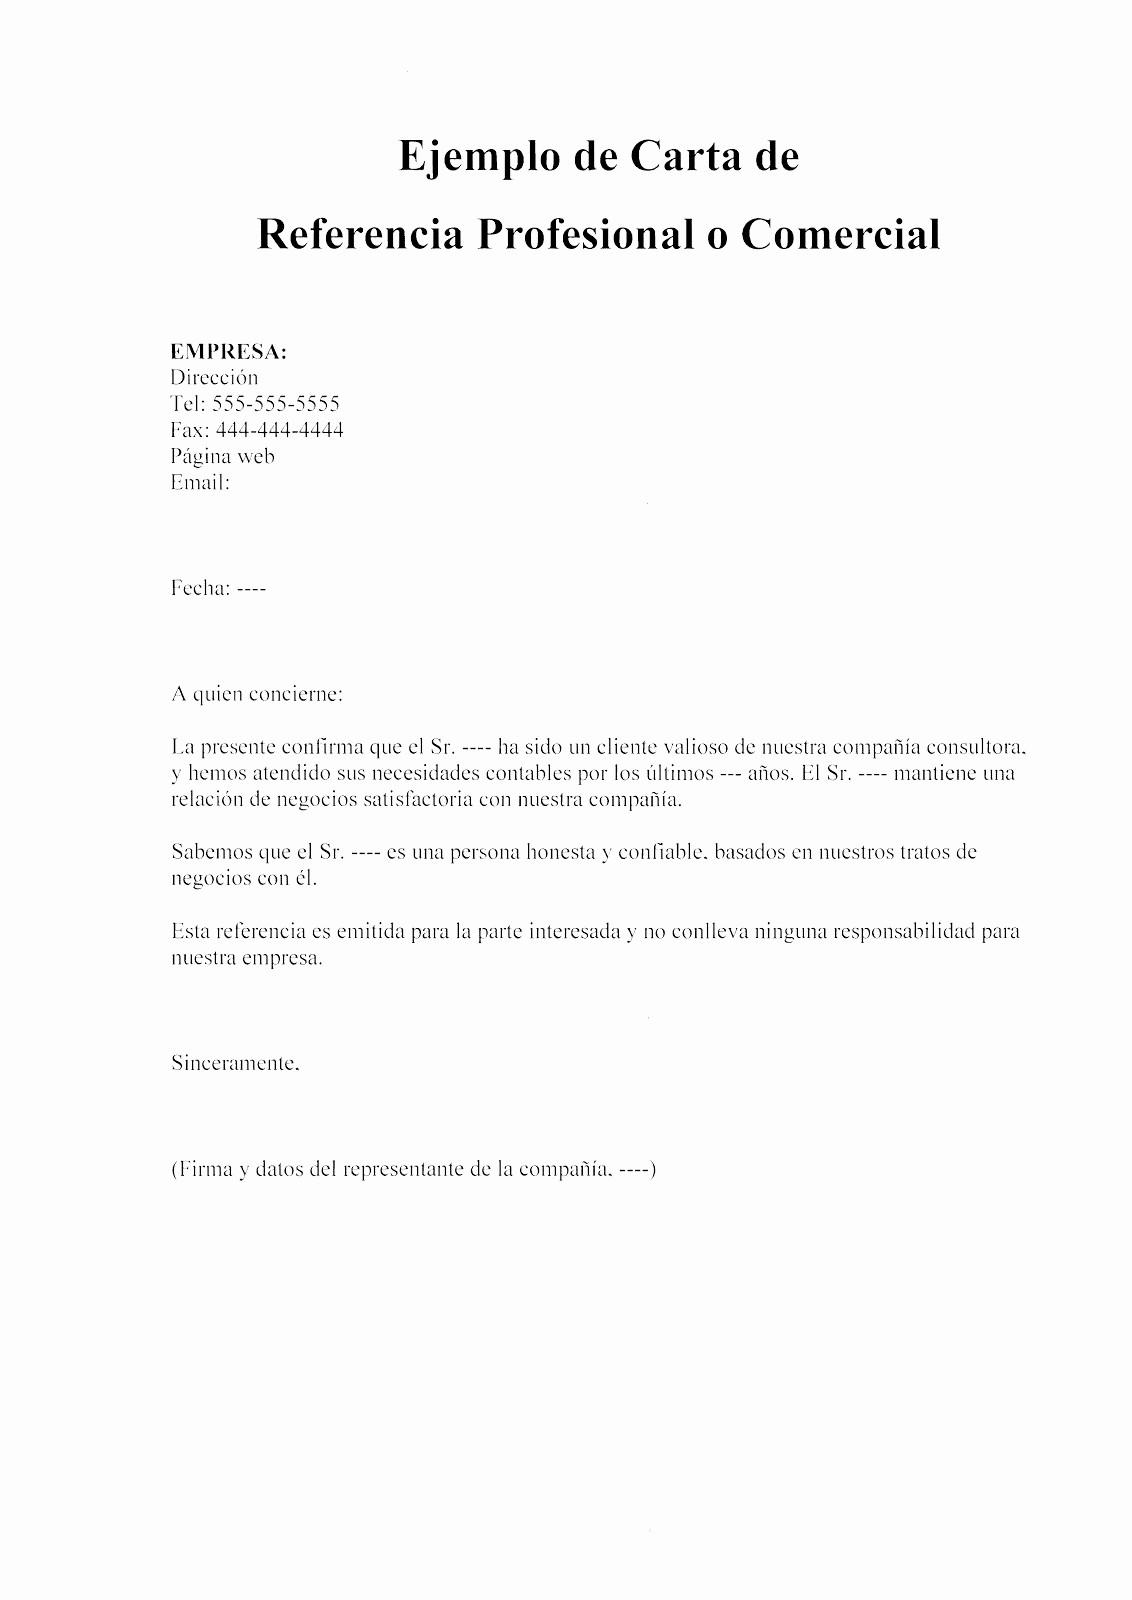 Ejemplos De Cartas De Referencia Elegant Modelos De Cartas De Referencia Una Española En Panama